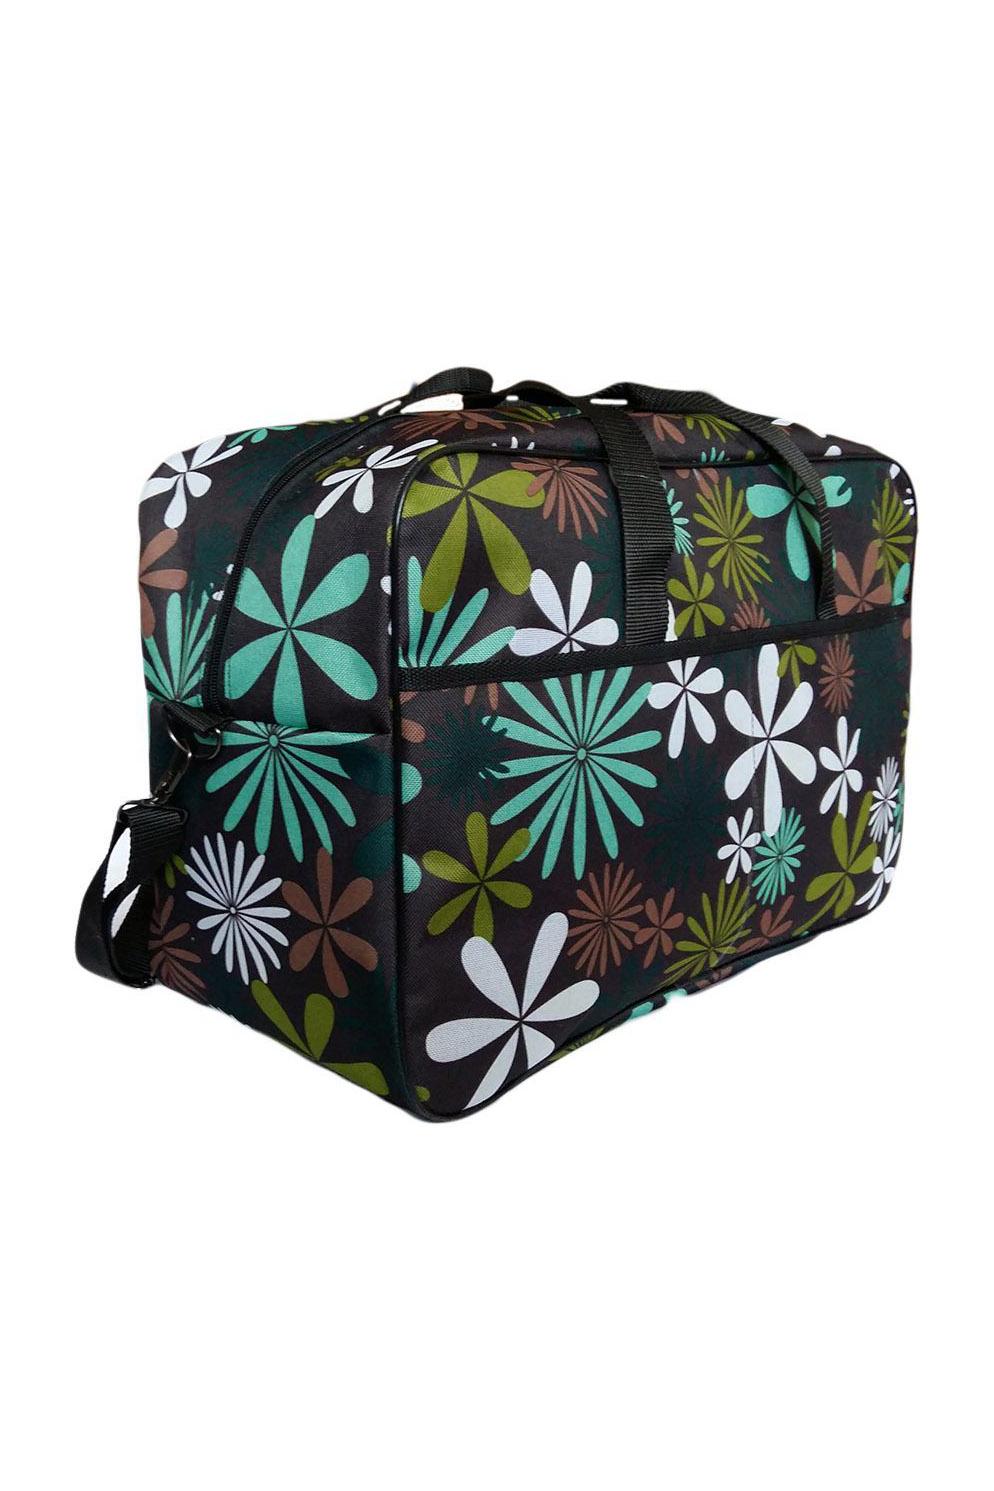 Дорожная сумкаДорожные<br>Удобная и вместительная дорожная сумка.  Размеры: 46*19*29 см.  В изделии использованы цвета: черный и др.<br><br>По материалу: Тканевые<br>По размеру: Средние<br>По рисунку: С принтом,Цветные<br>По способу ношения: В руках<br>По степени жесткости: Мягкие<br>По форме: Прямоугольные<br>Ручки: Короткие<br>По сезону: Всесезон<br>Размер : UNI<br>Материал: Полиэстер<br>Количество в наличии: 2